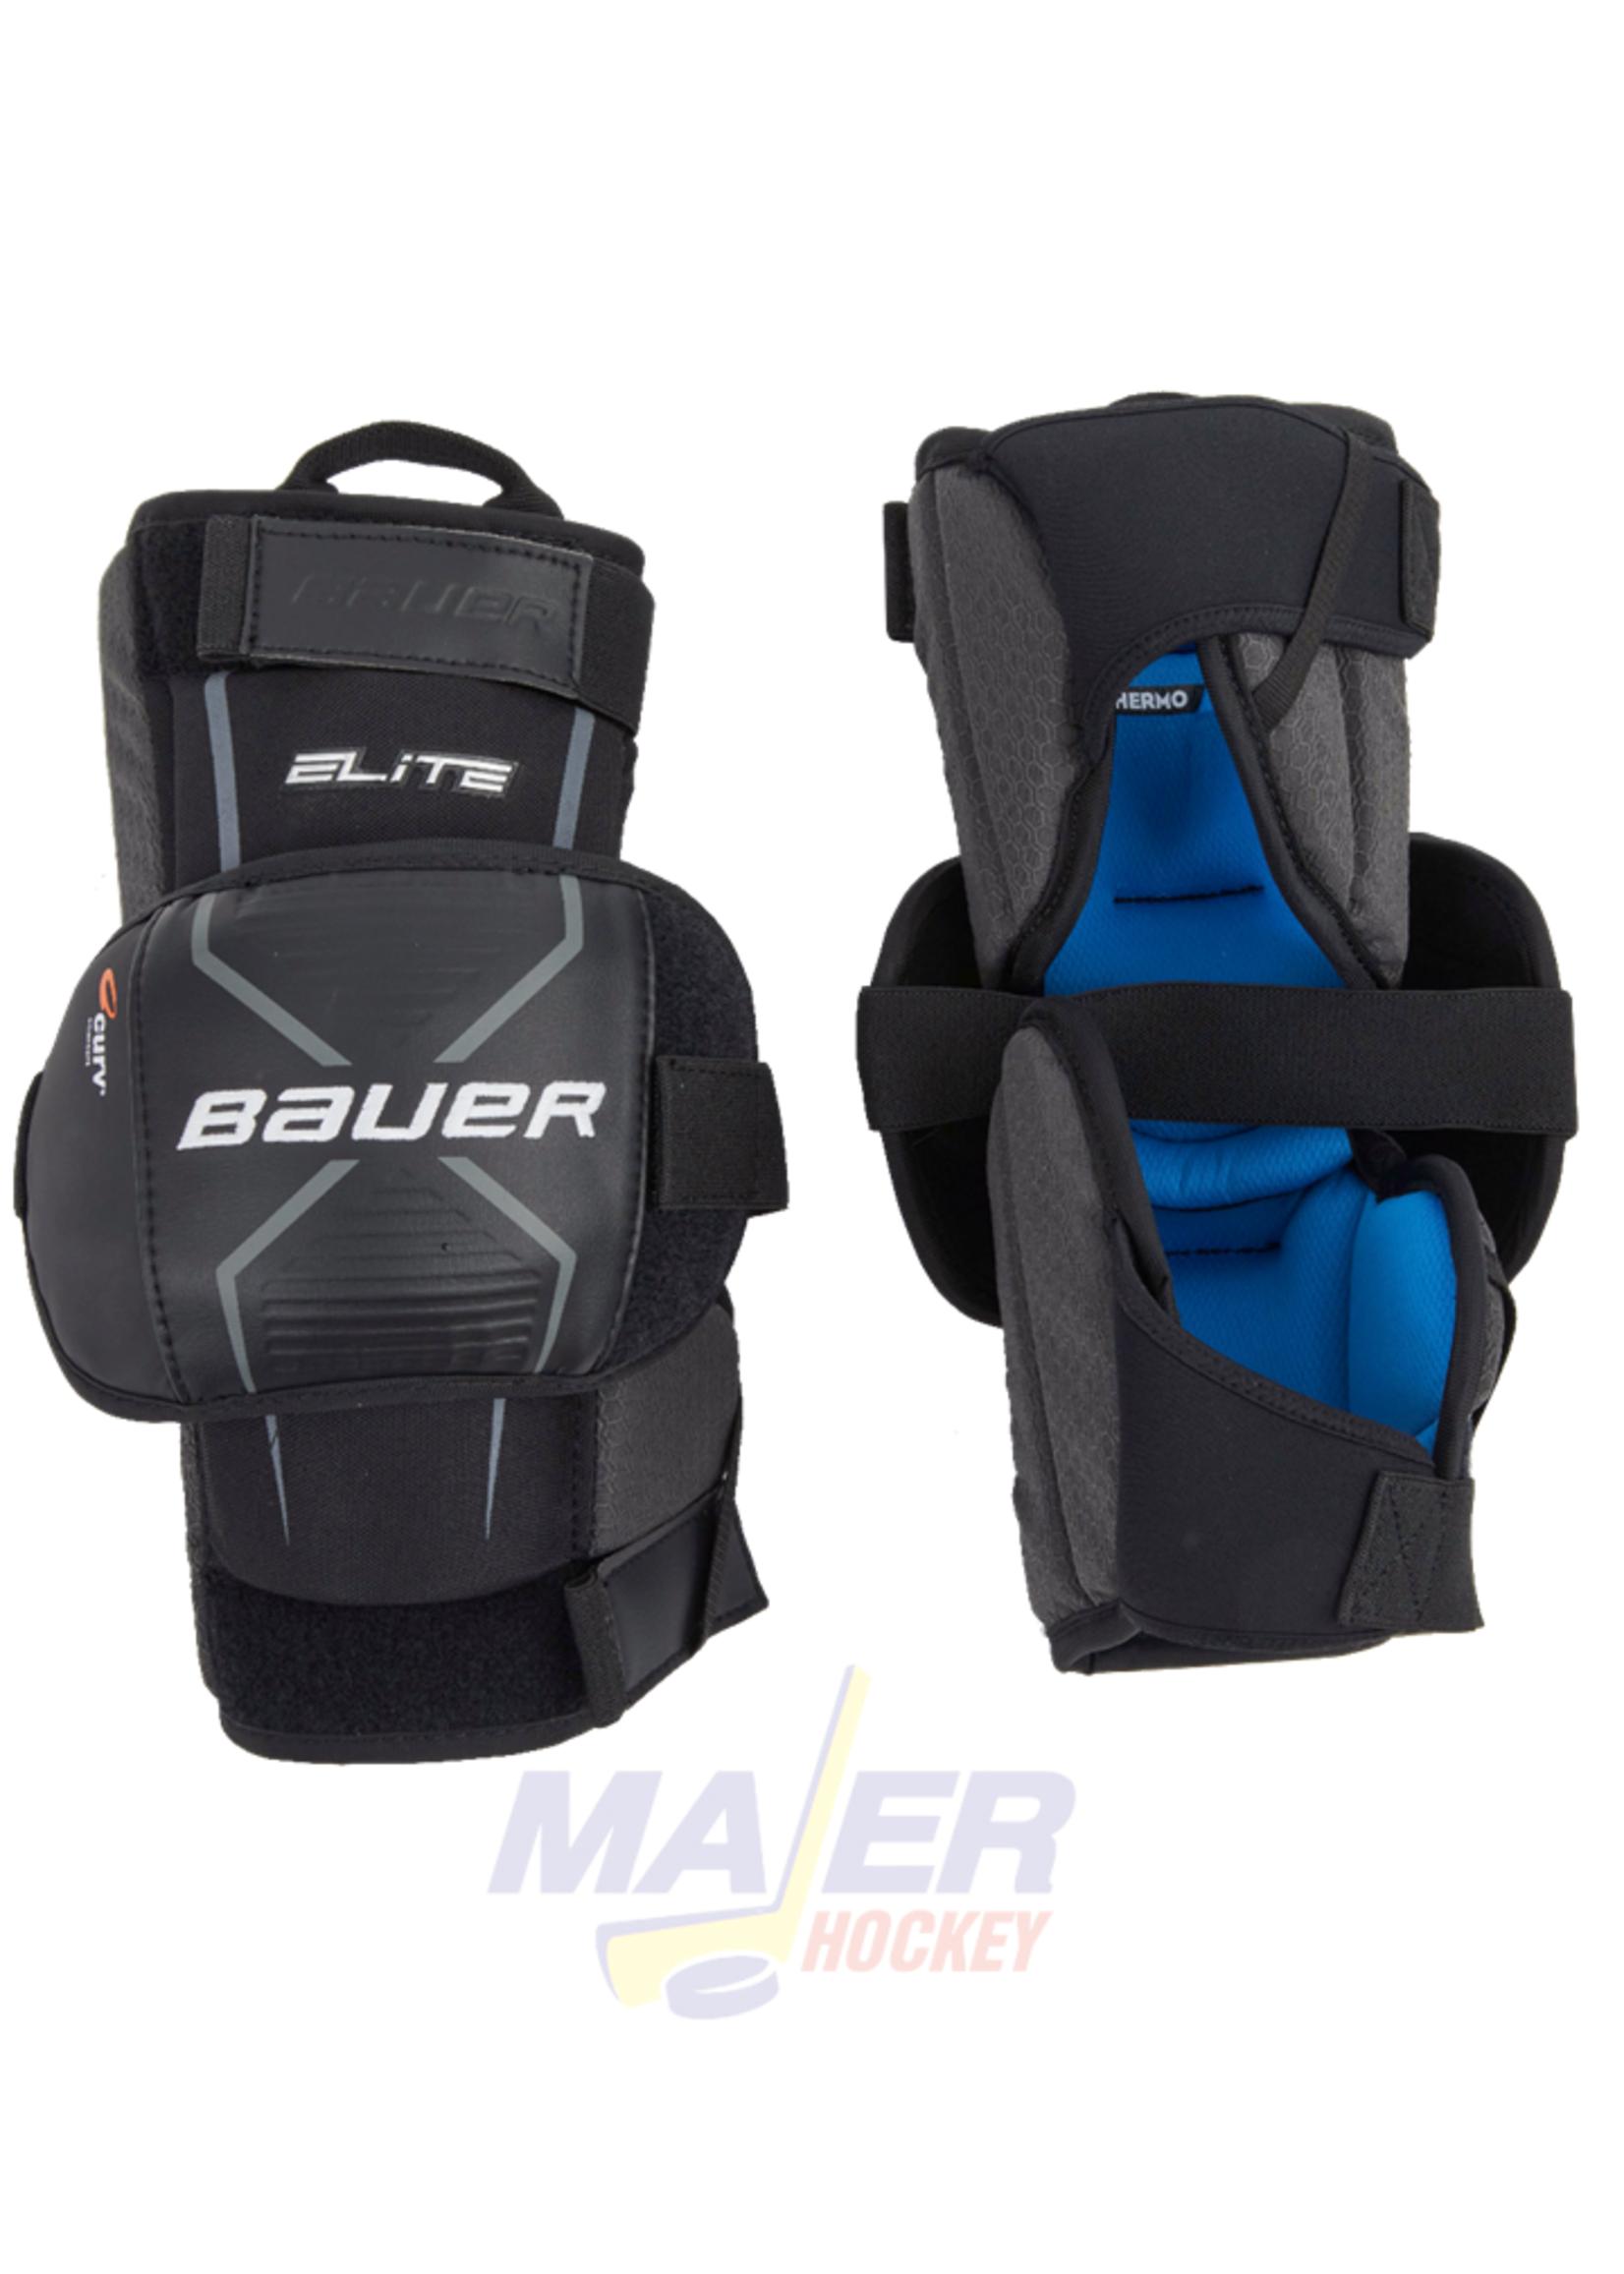 Bauer Elite Goalie Knee Guards